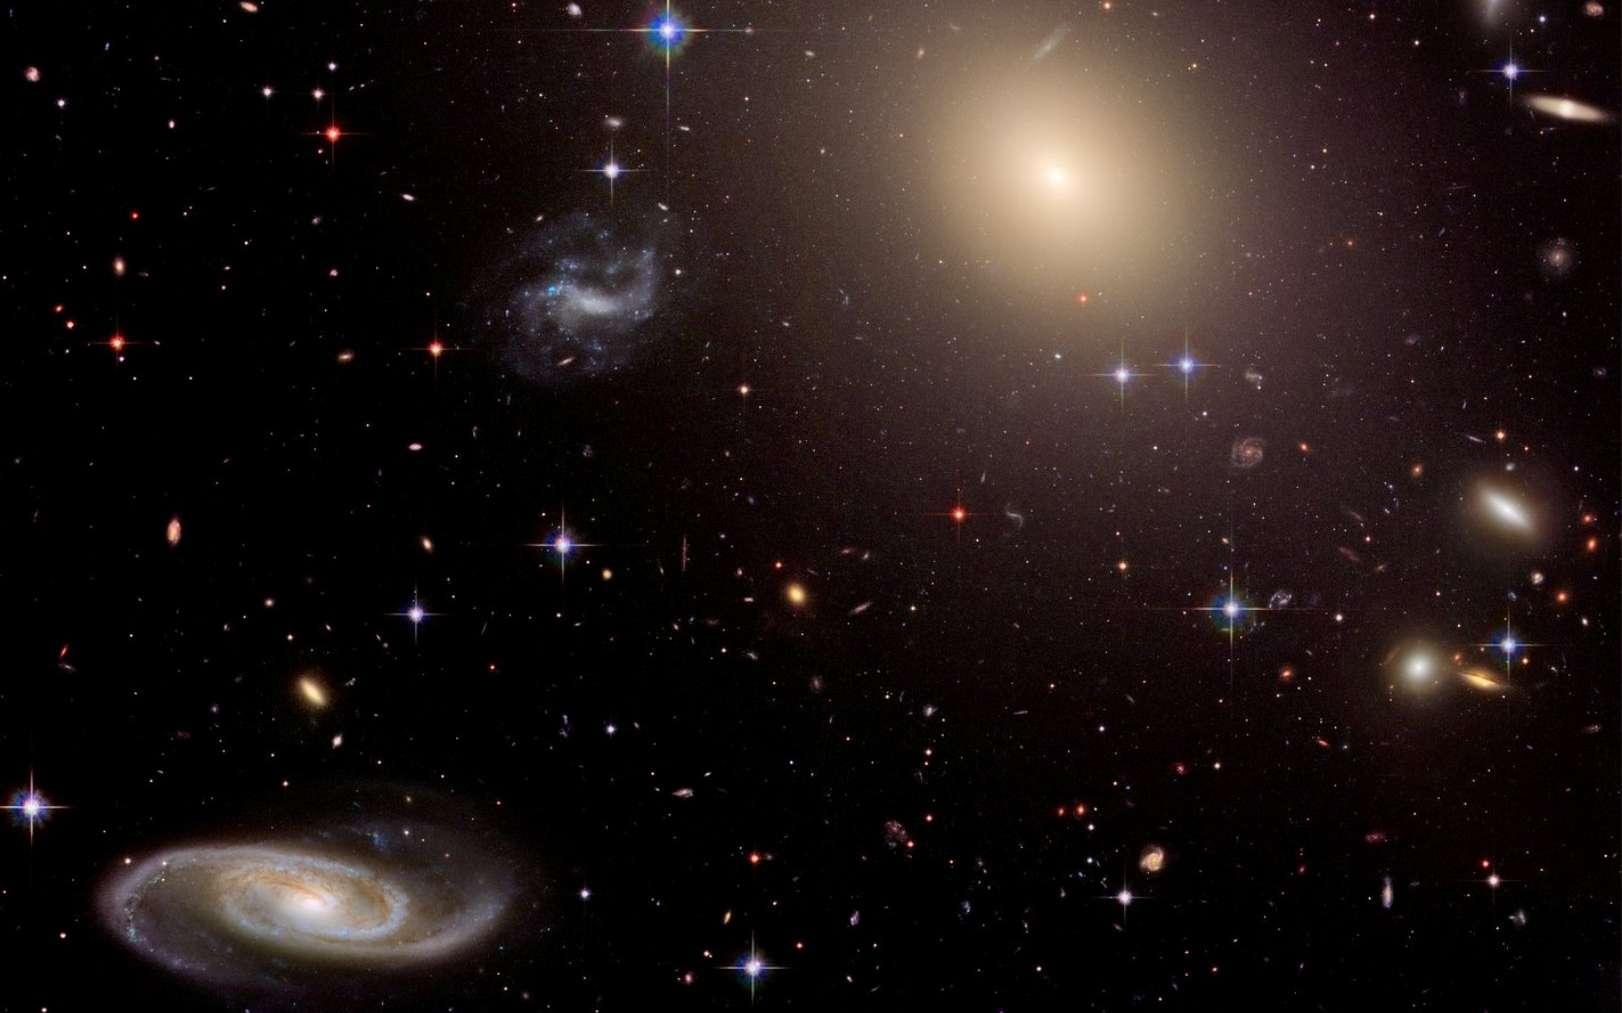 Une collection de galaxies au sein de l'amas Abell S0740, à plus de 450 millions d'années-lumière de la Terre, vue par Hubble. Occupant le centre de l'amas, la géante elliptique ESO 325-G004 est entourée de milliers d'amas globulaires, chacun composé de centaines de milliers d'étoiles liées entre elles par la gravité. Cette image a été construite avec des observations de 2005 et de 2006. © Nasa, ESA, and The Hubble Heritage Team (STScI/AURA)